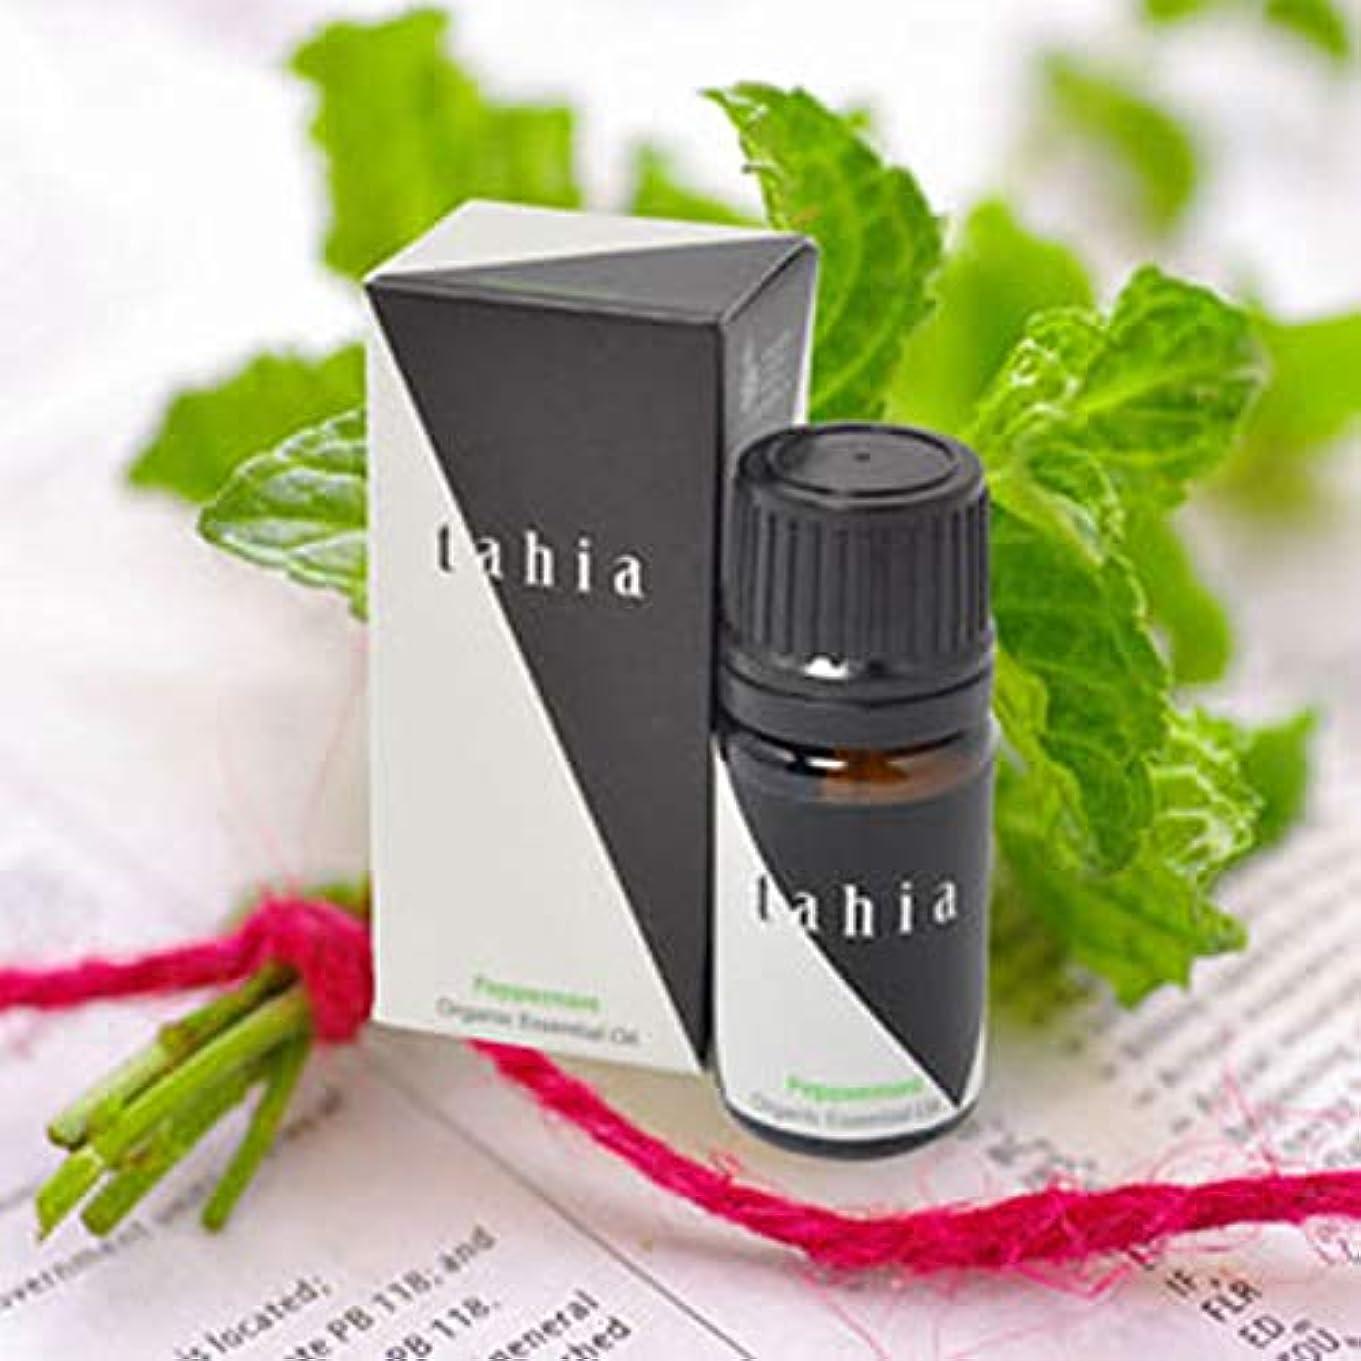 シャンプー文化格差タツフト タヒア tahia ペパーミント  エッセンシャルオイル オーガニック 芳香 精油